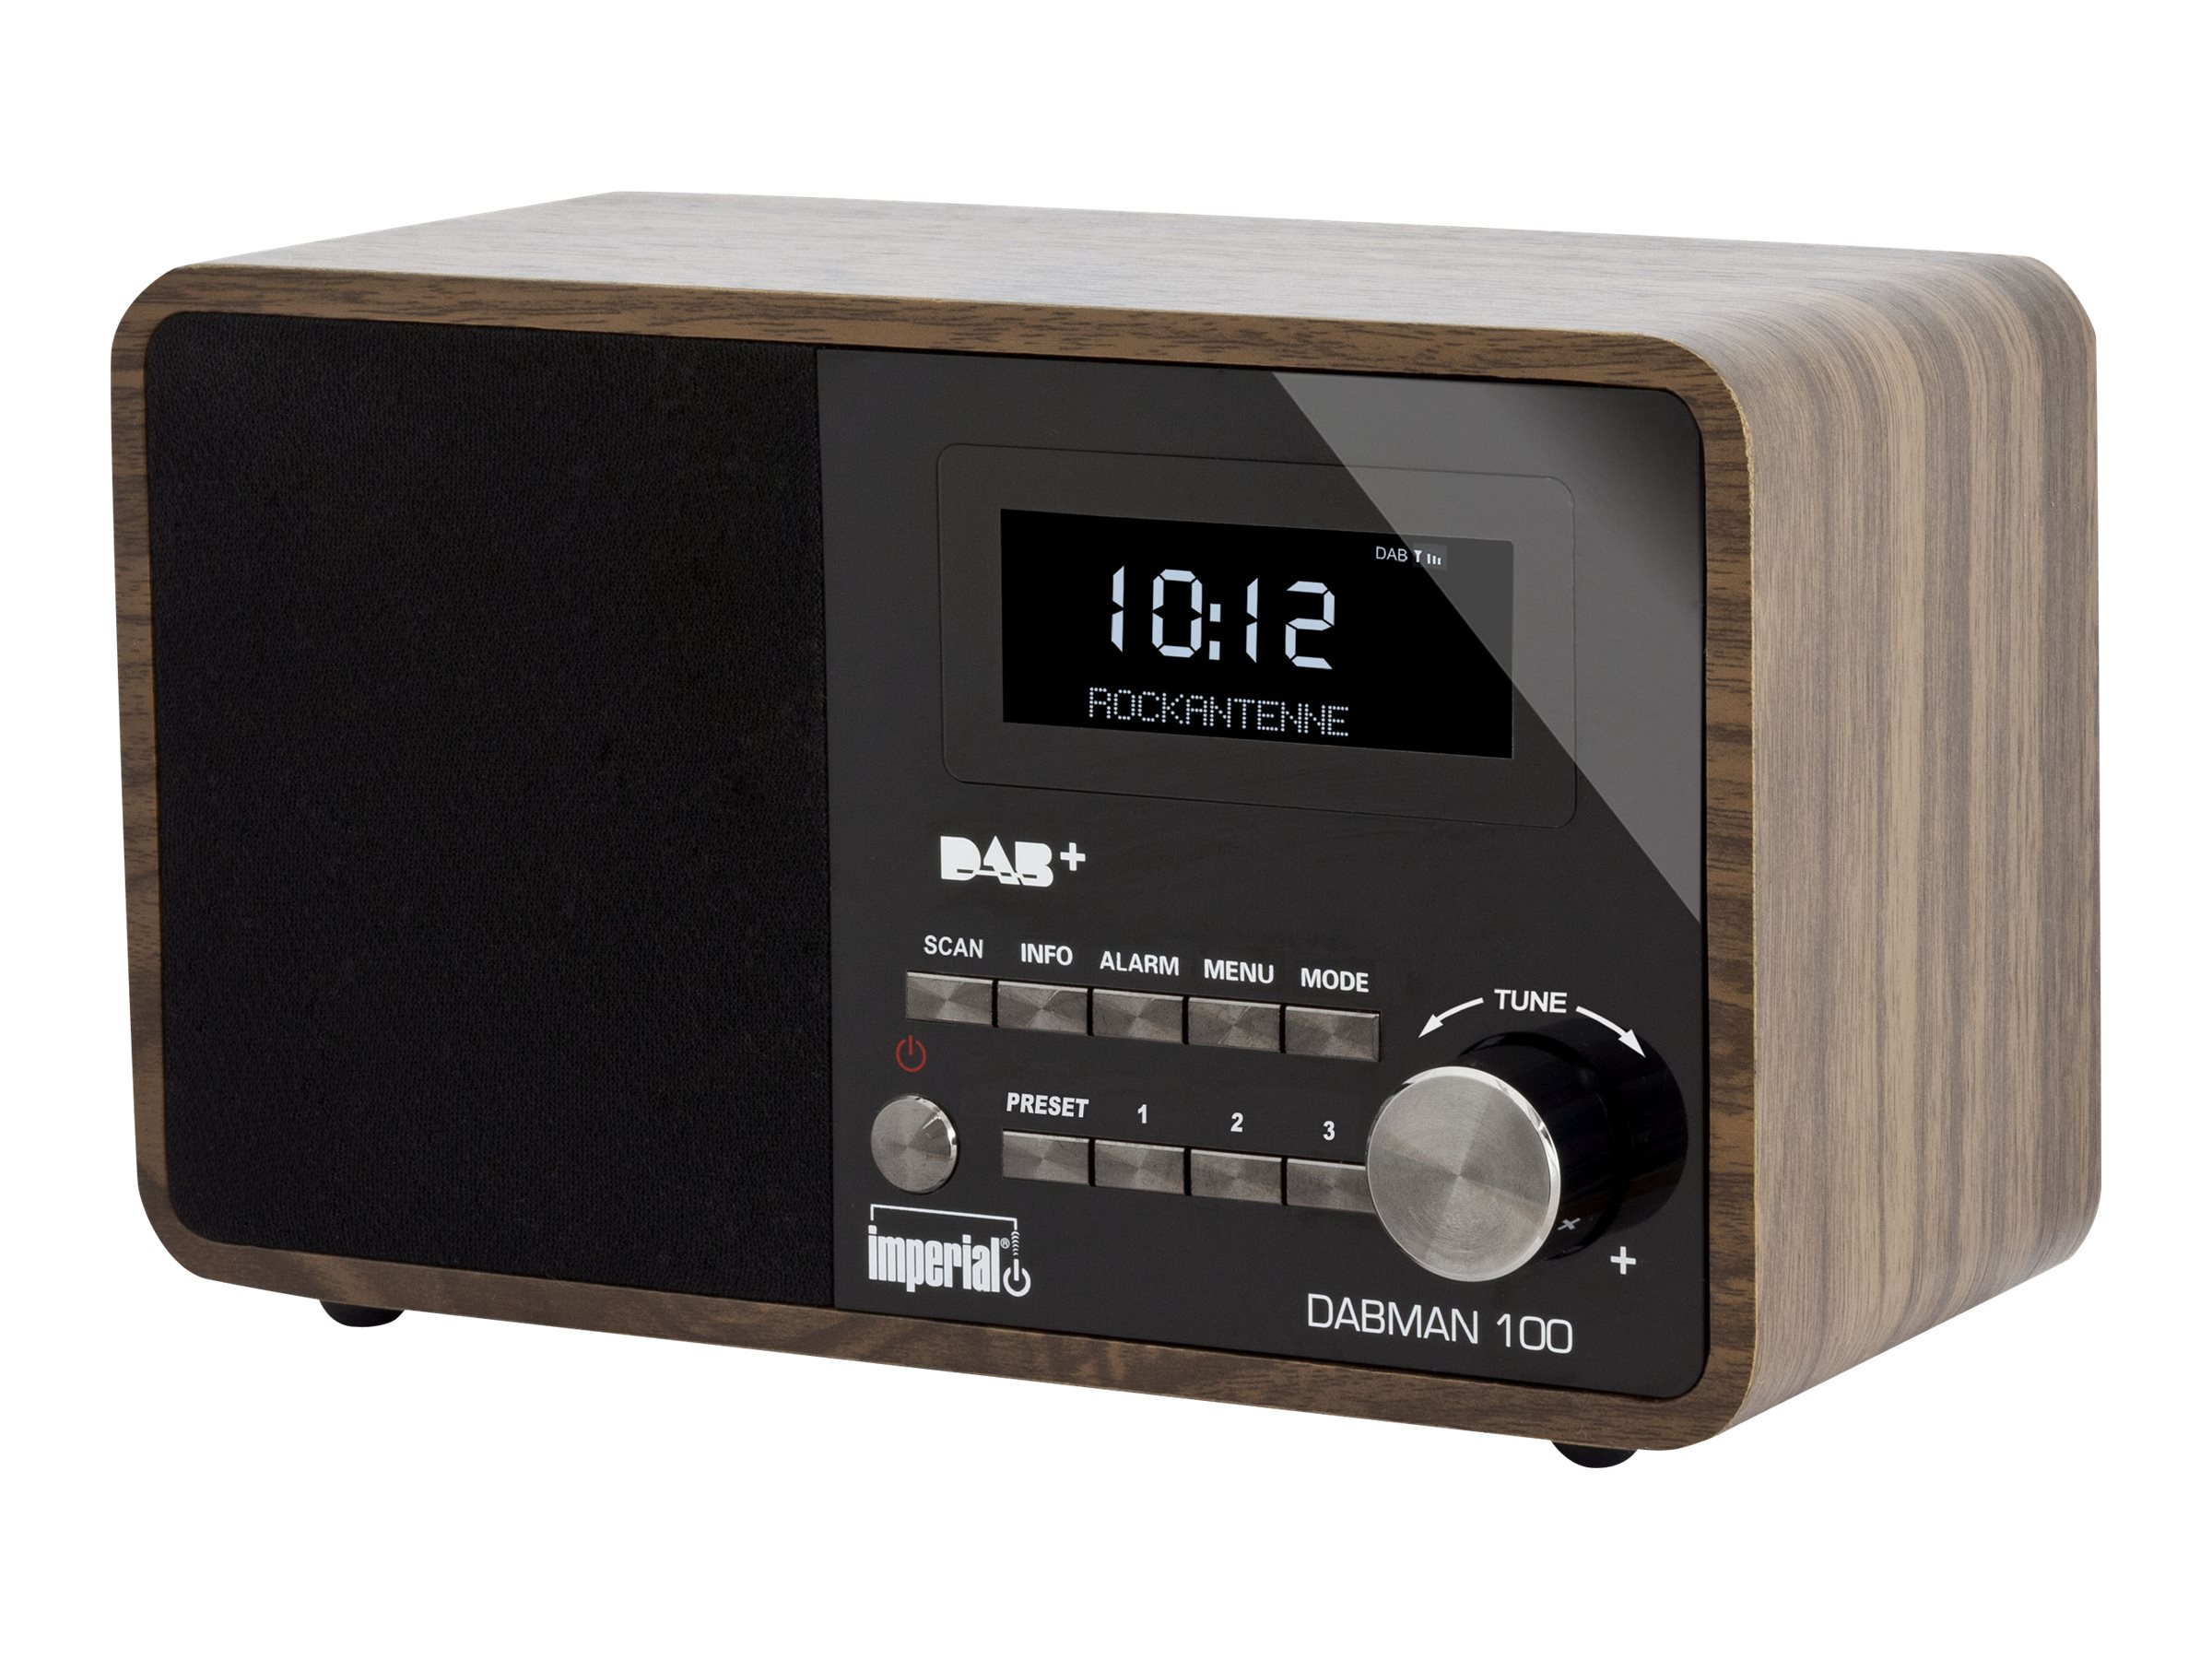 Telestar DABMAN 100 - DAB-Radio